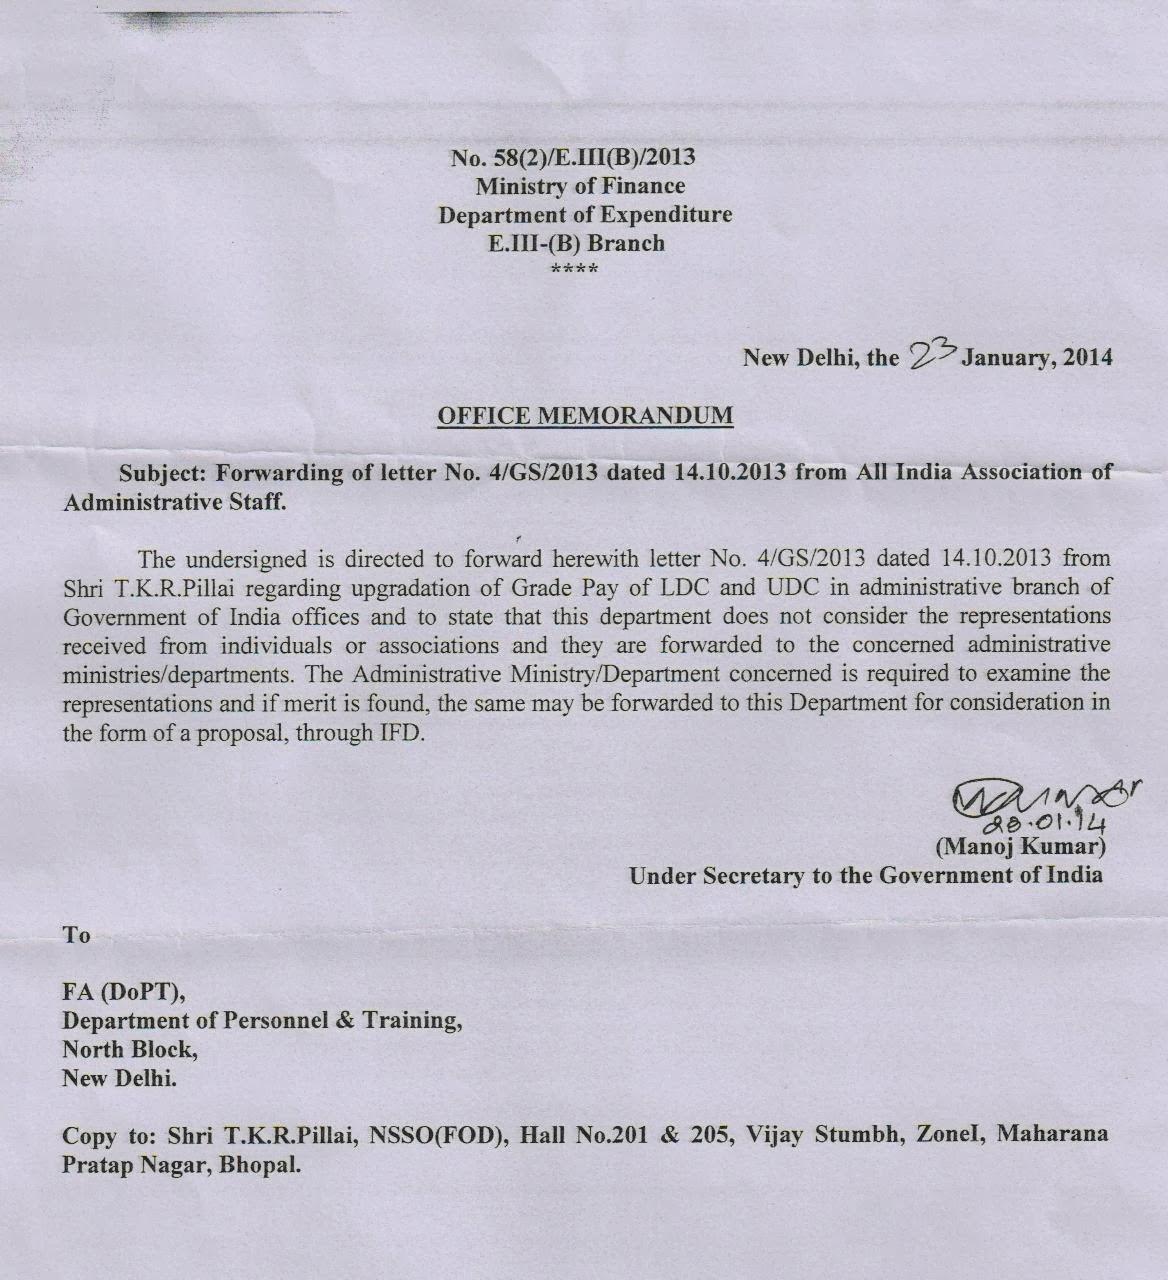 Sample request letter for transfer letter of intent to transfer job sample request letter for transfer spiritdancerdesigns Images